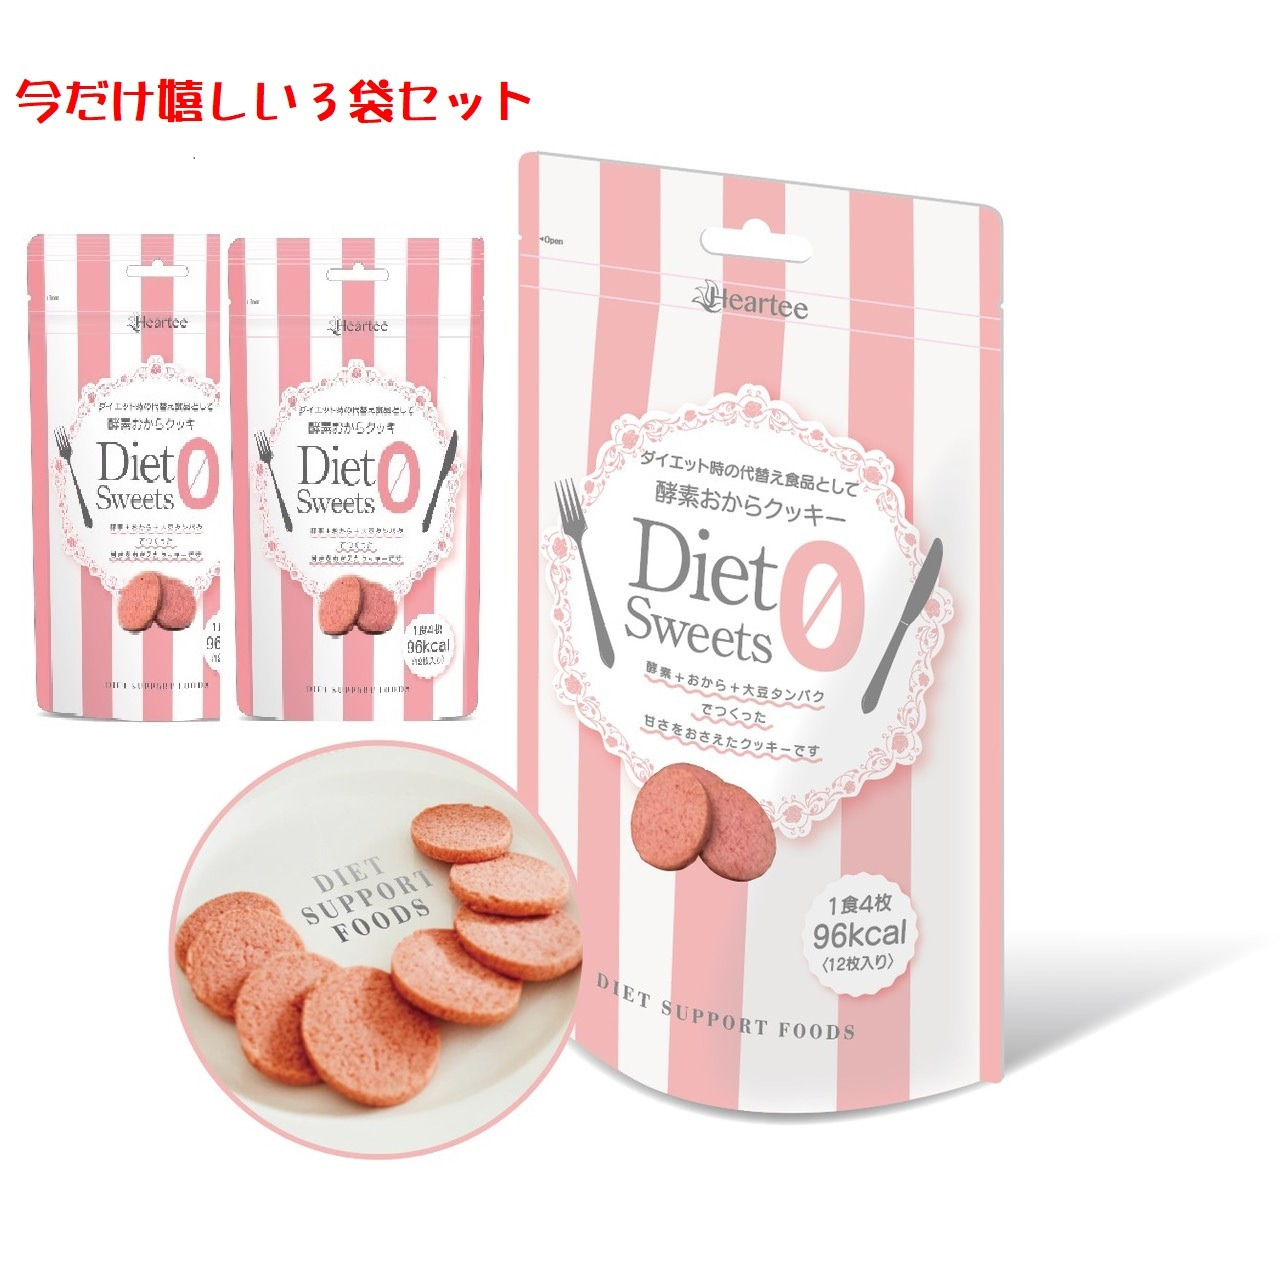 酵素おからクッキー   ダイエットスイーツ  ゼロ 12枚入×3袋セット